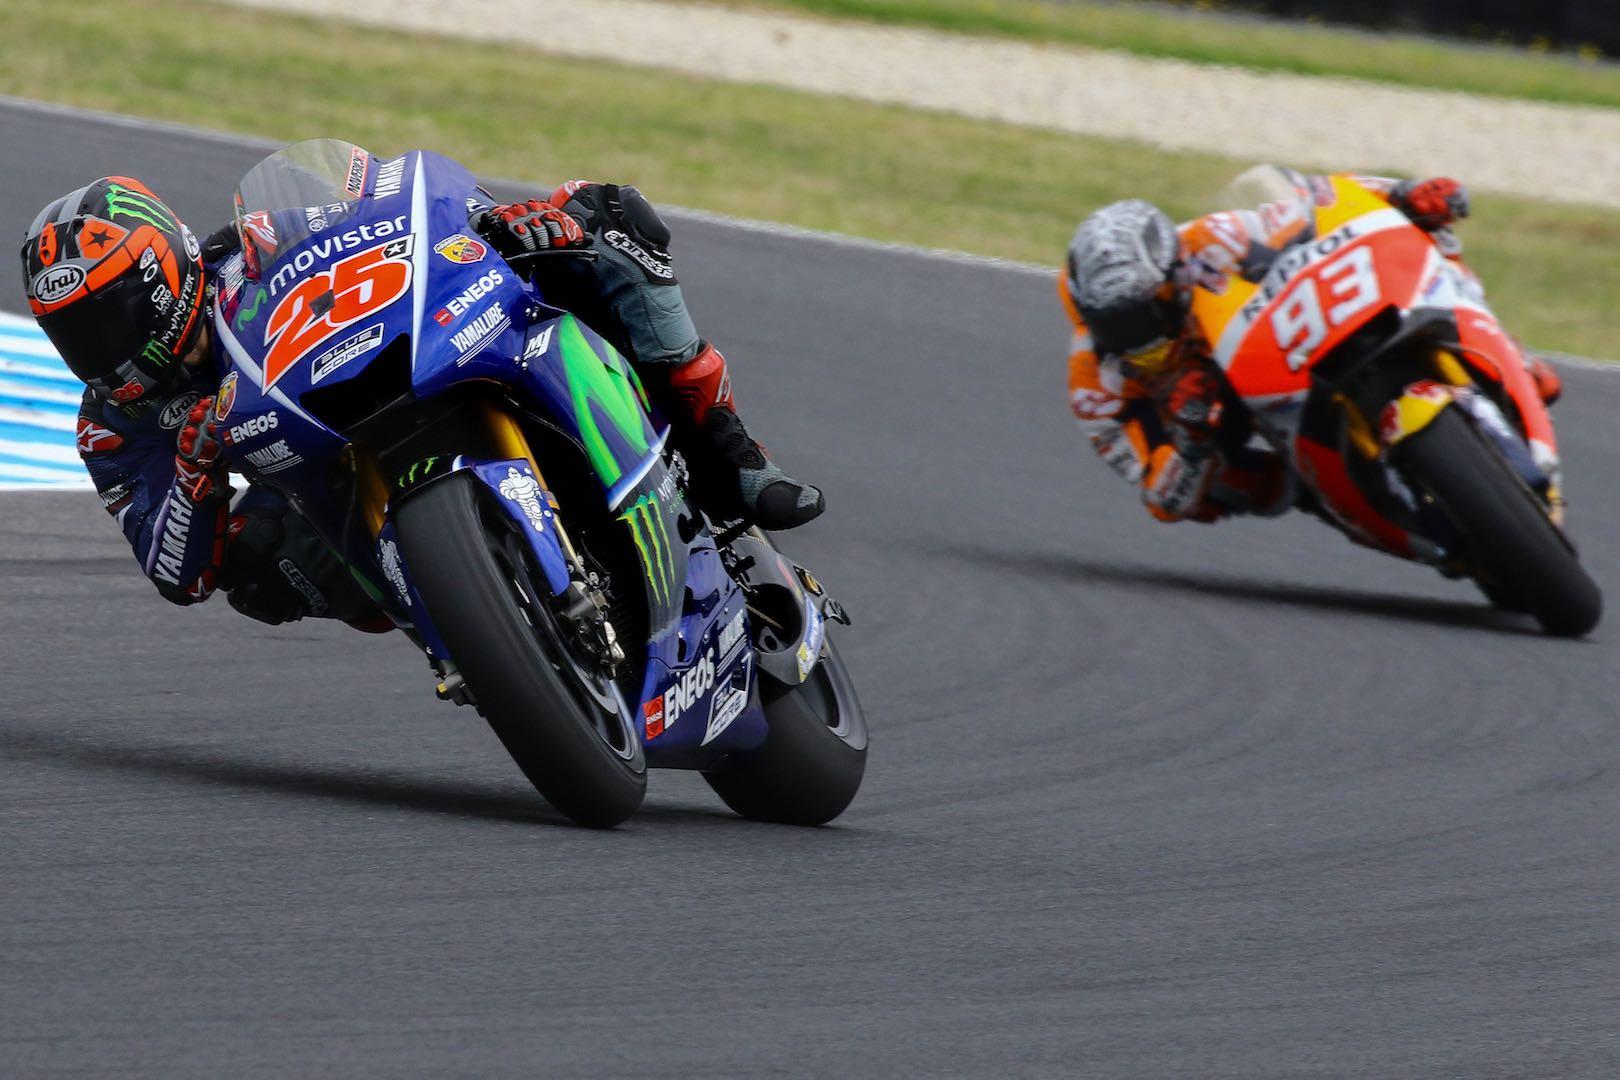 2017 Phillip Island MotoGP Test: Yamaha's Maverick Vinales leads Honda's Marc Marquez